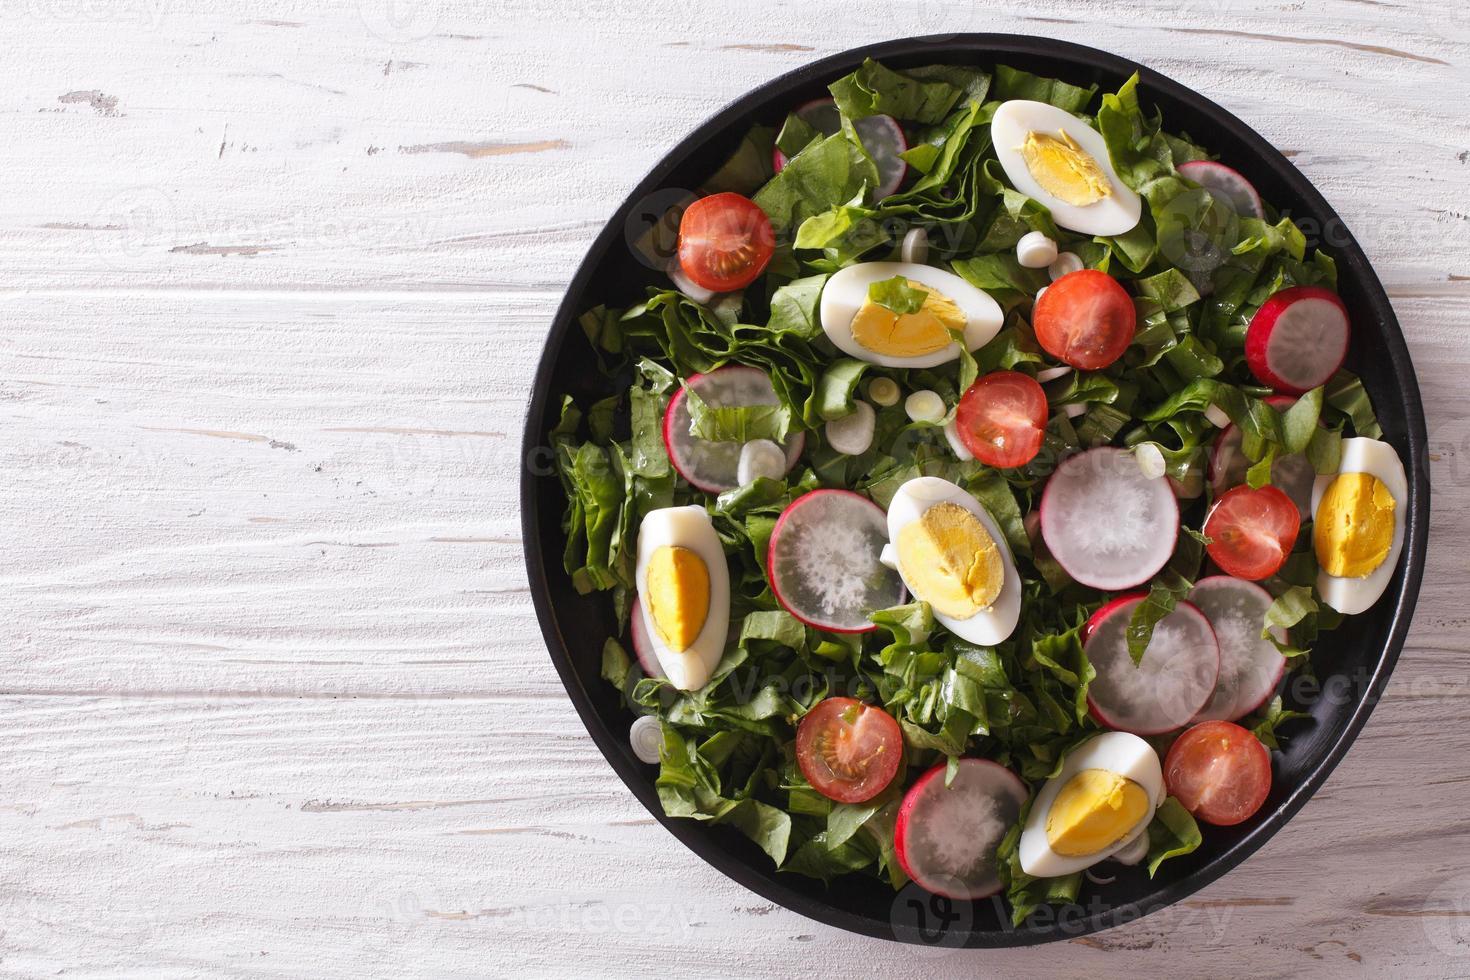 salade de printemps fraîche avec des œufs sur la table. vue de dessus horizontale photo